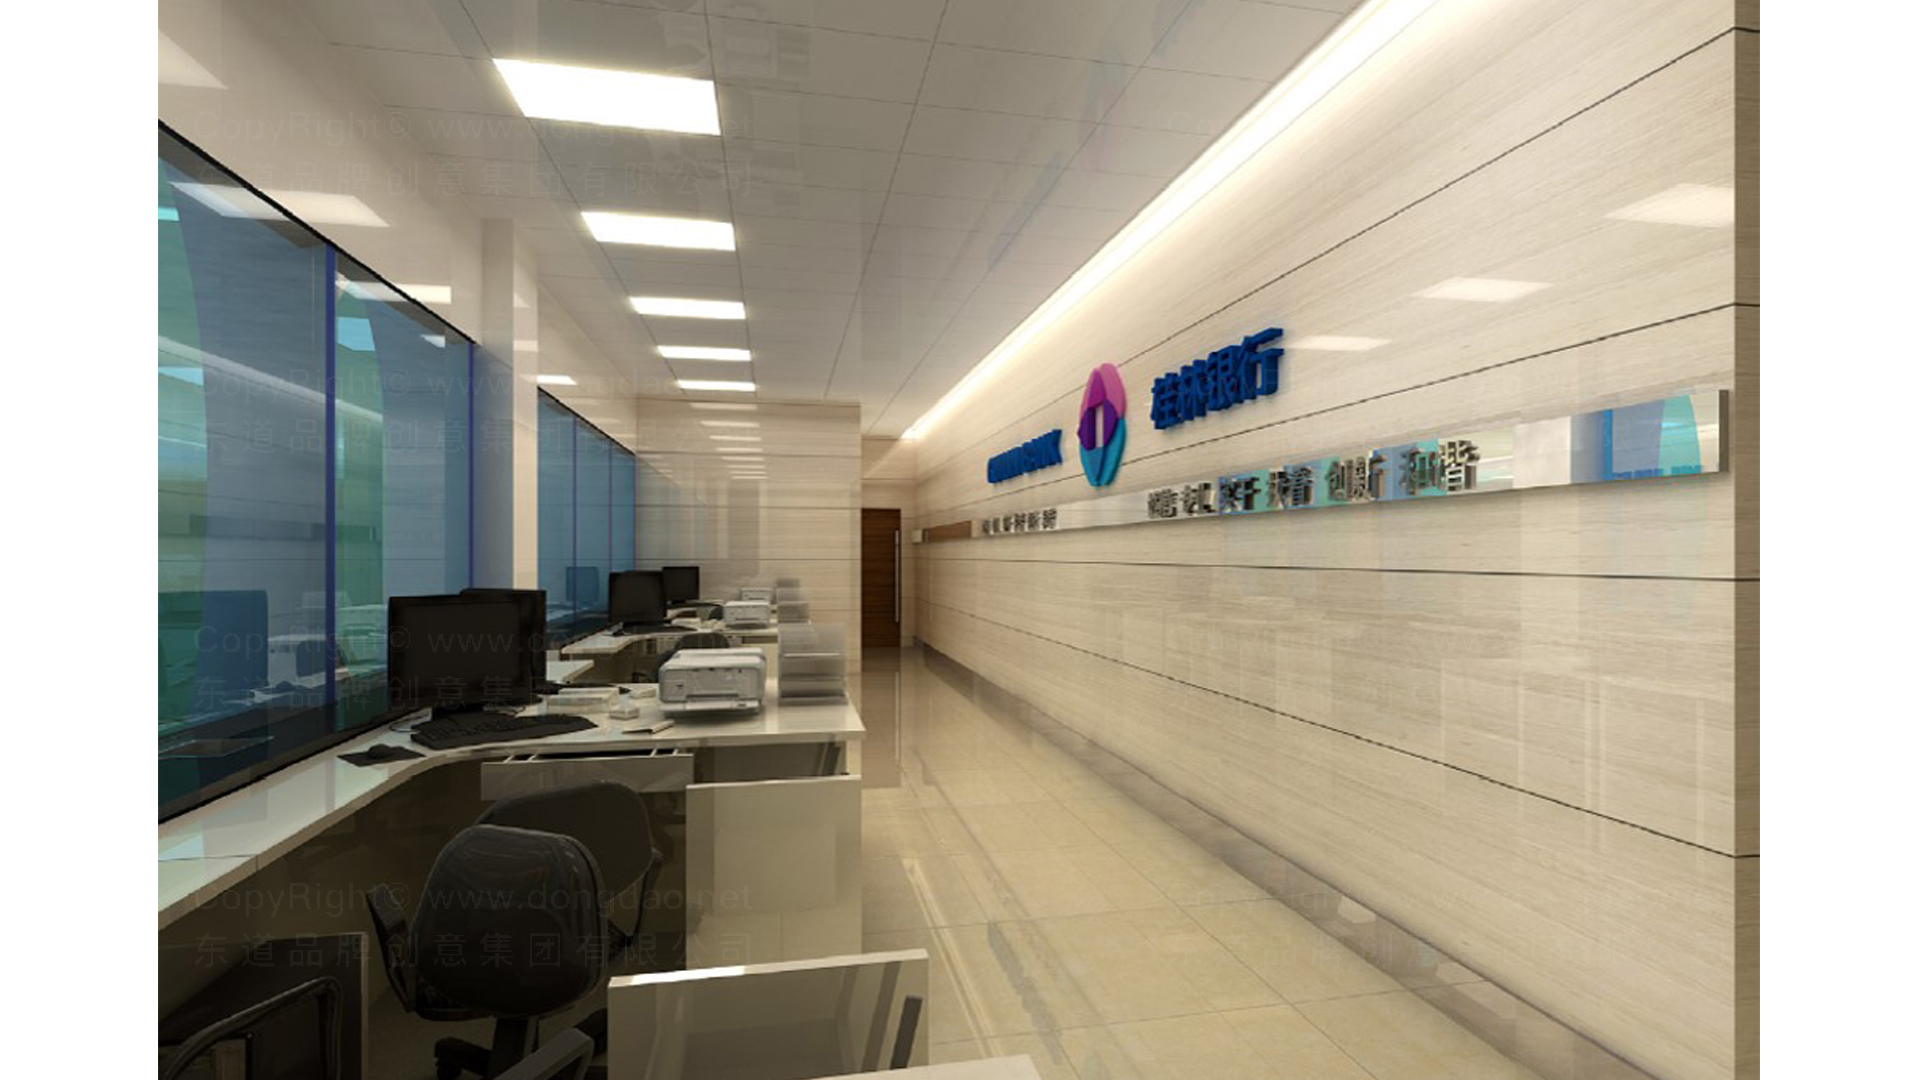 商业空间&导示桂林银行SI设计应用场景_2